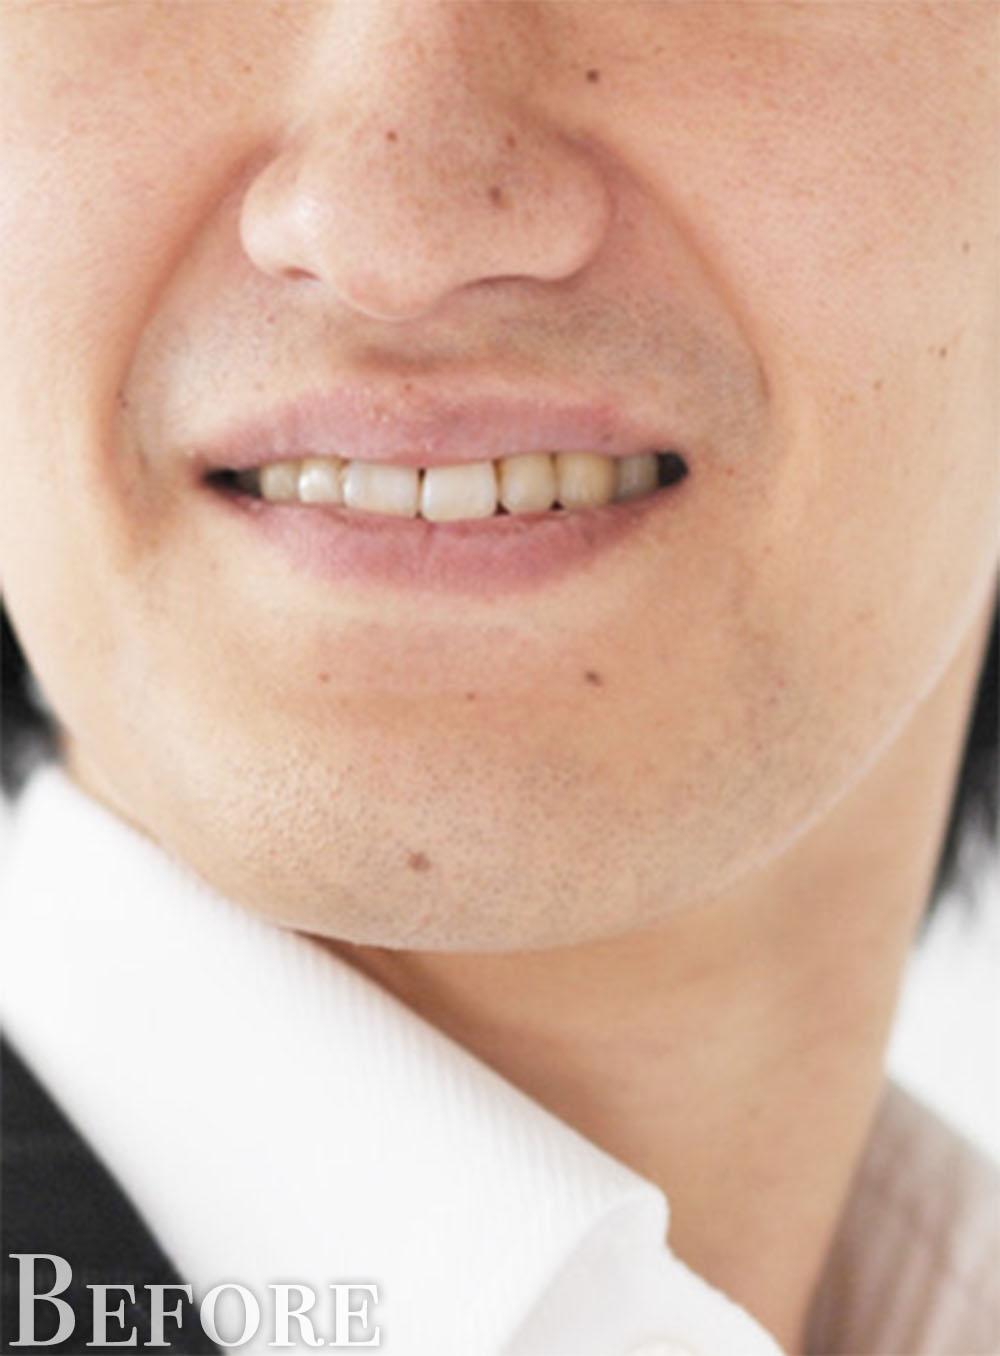 黄色っぽい歯